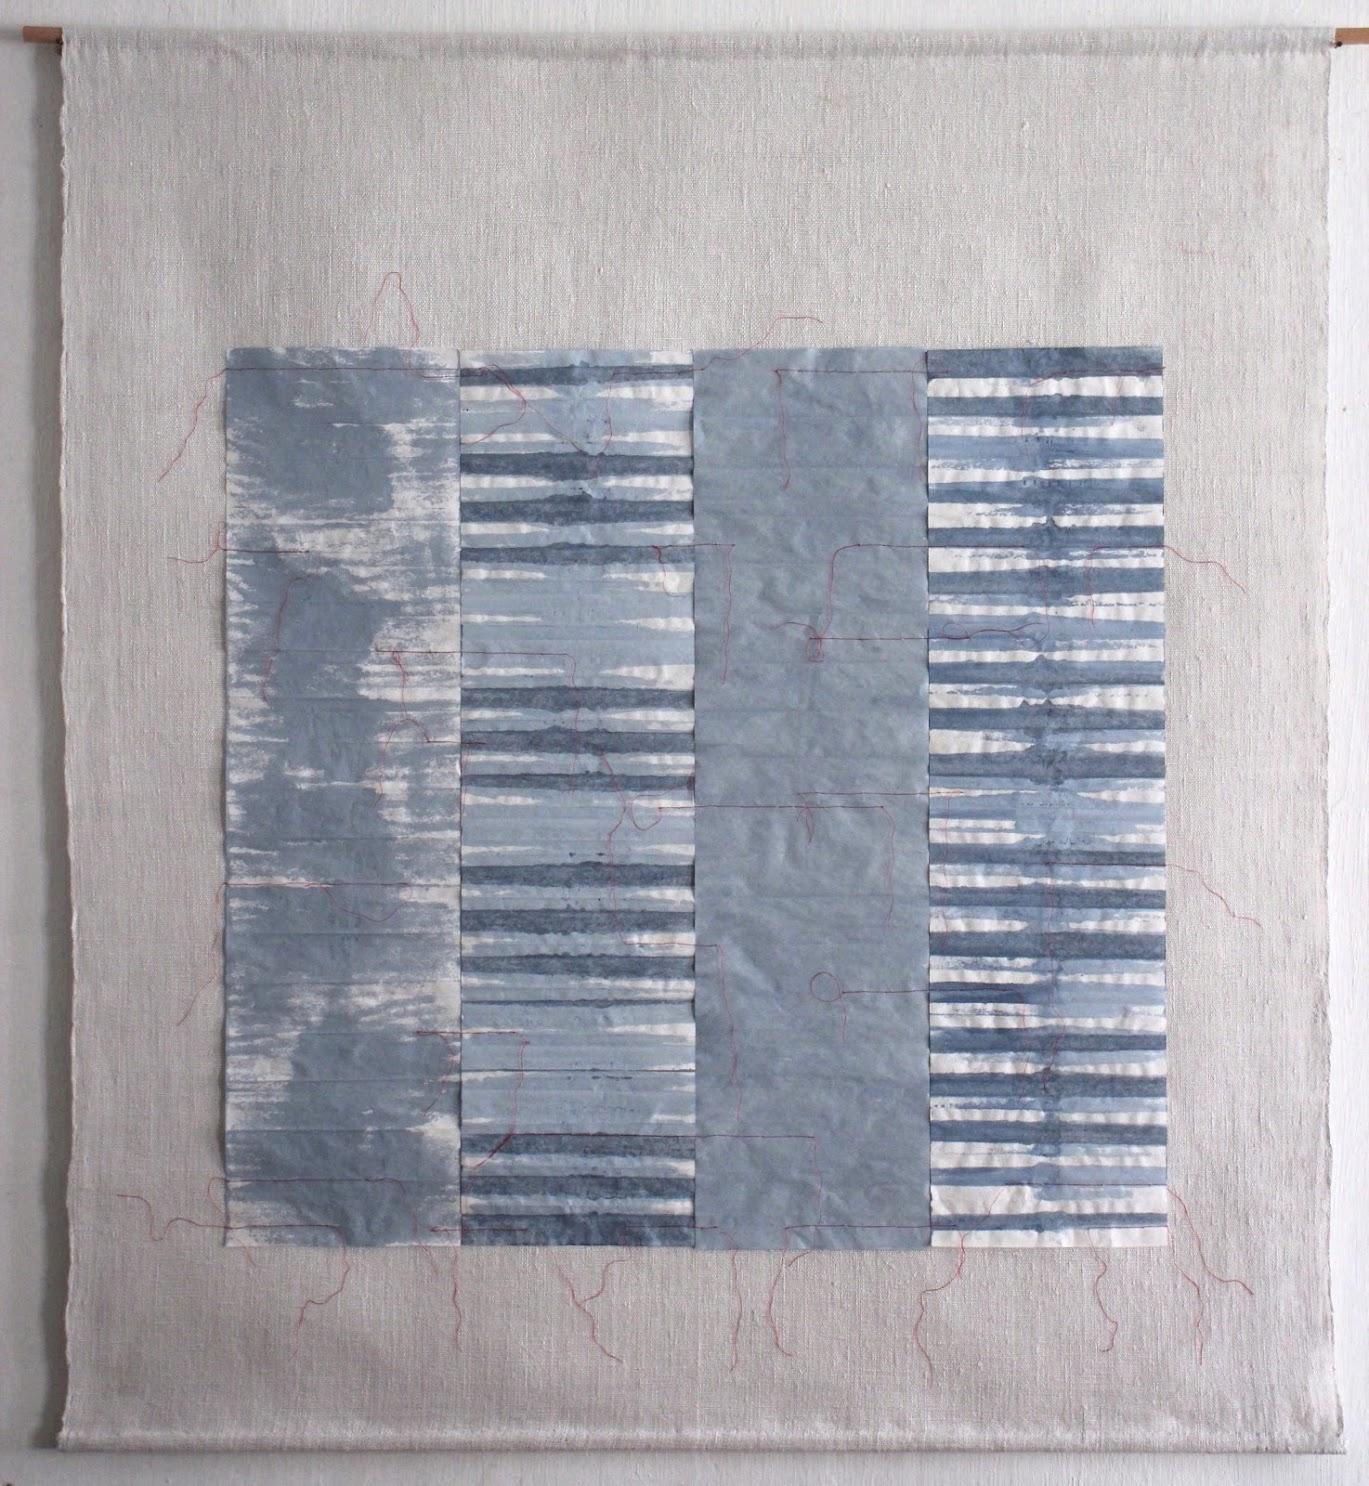 Christine Maringer: Blau, entfaltet #3